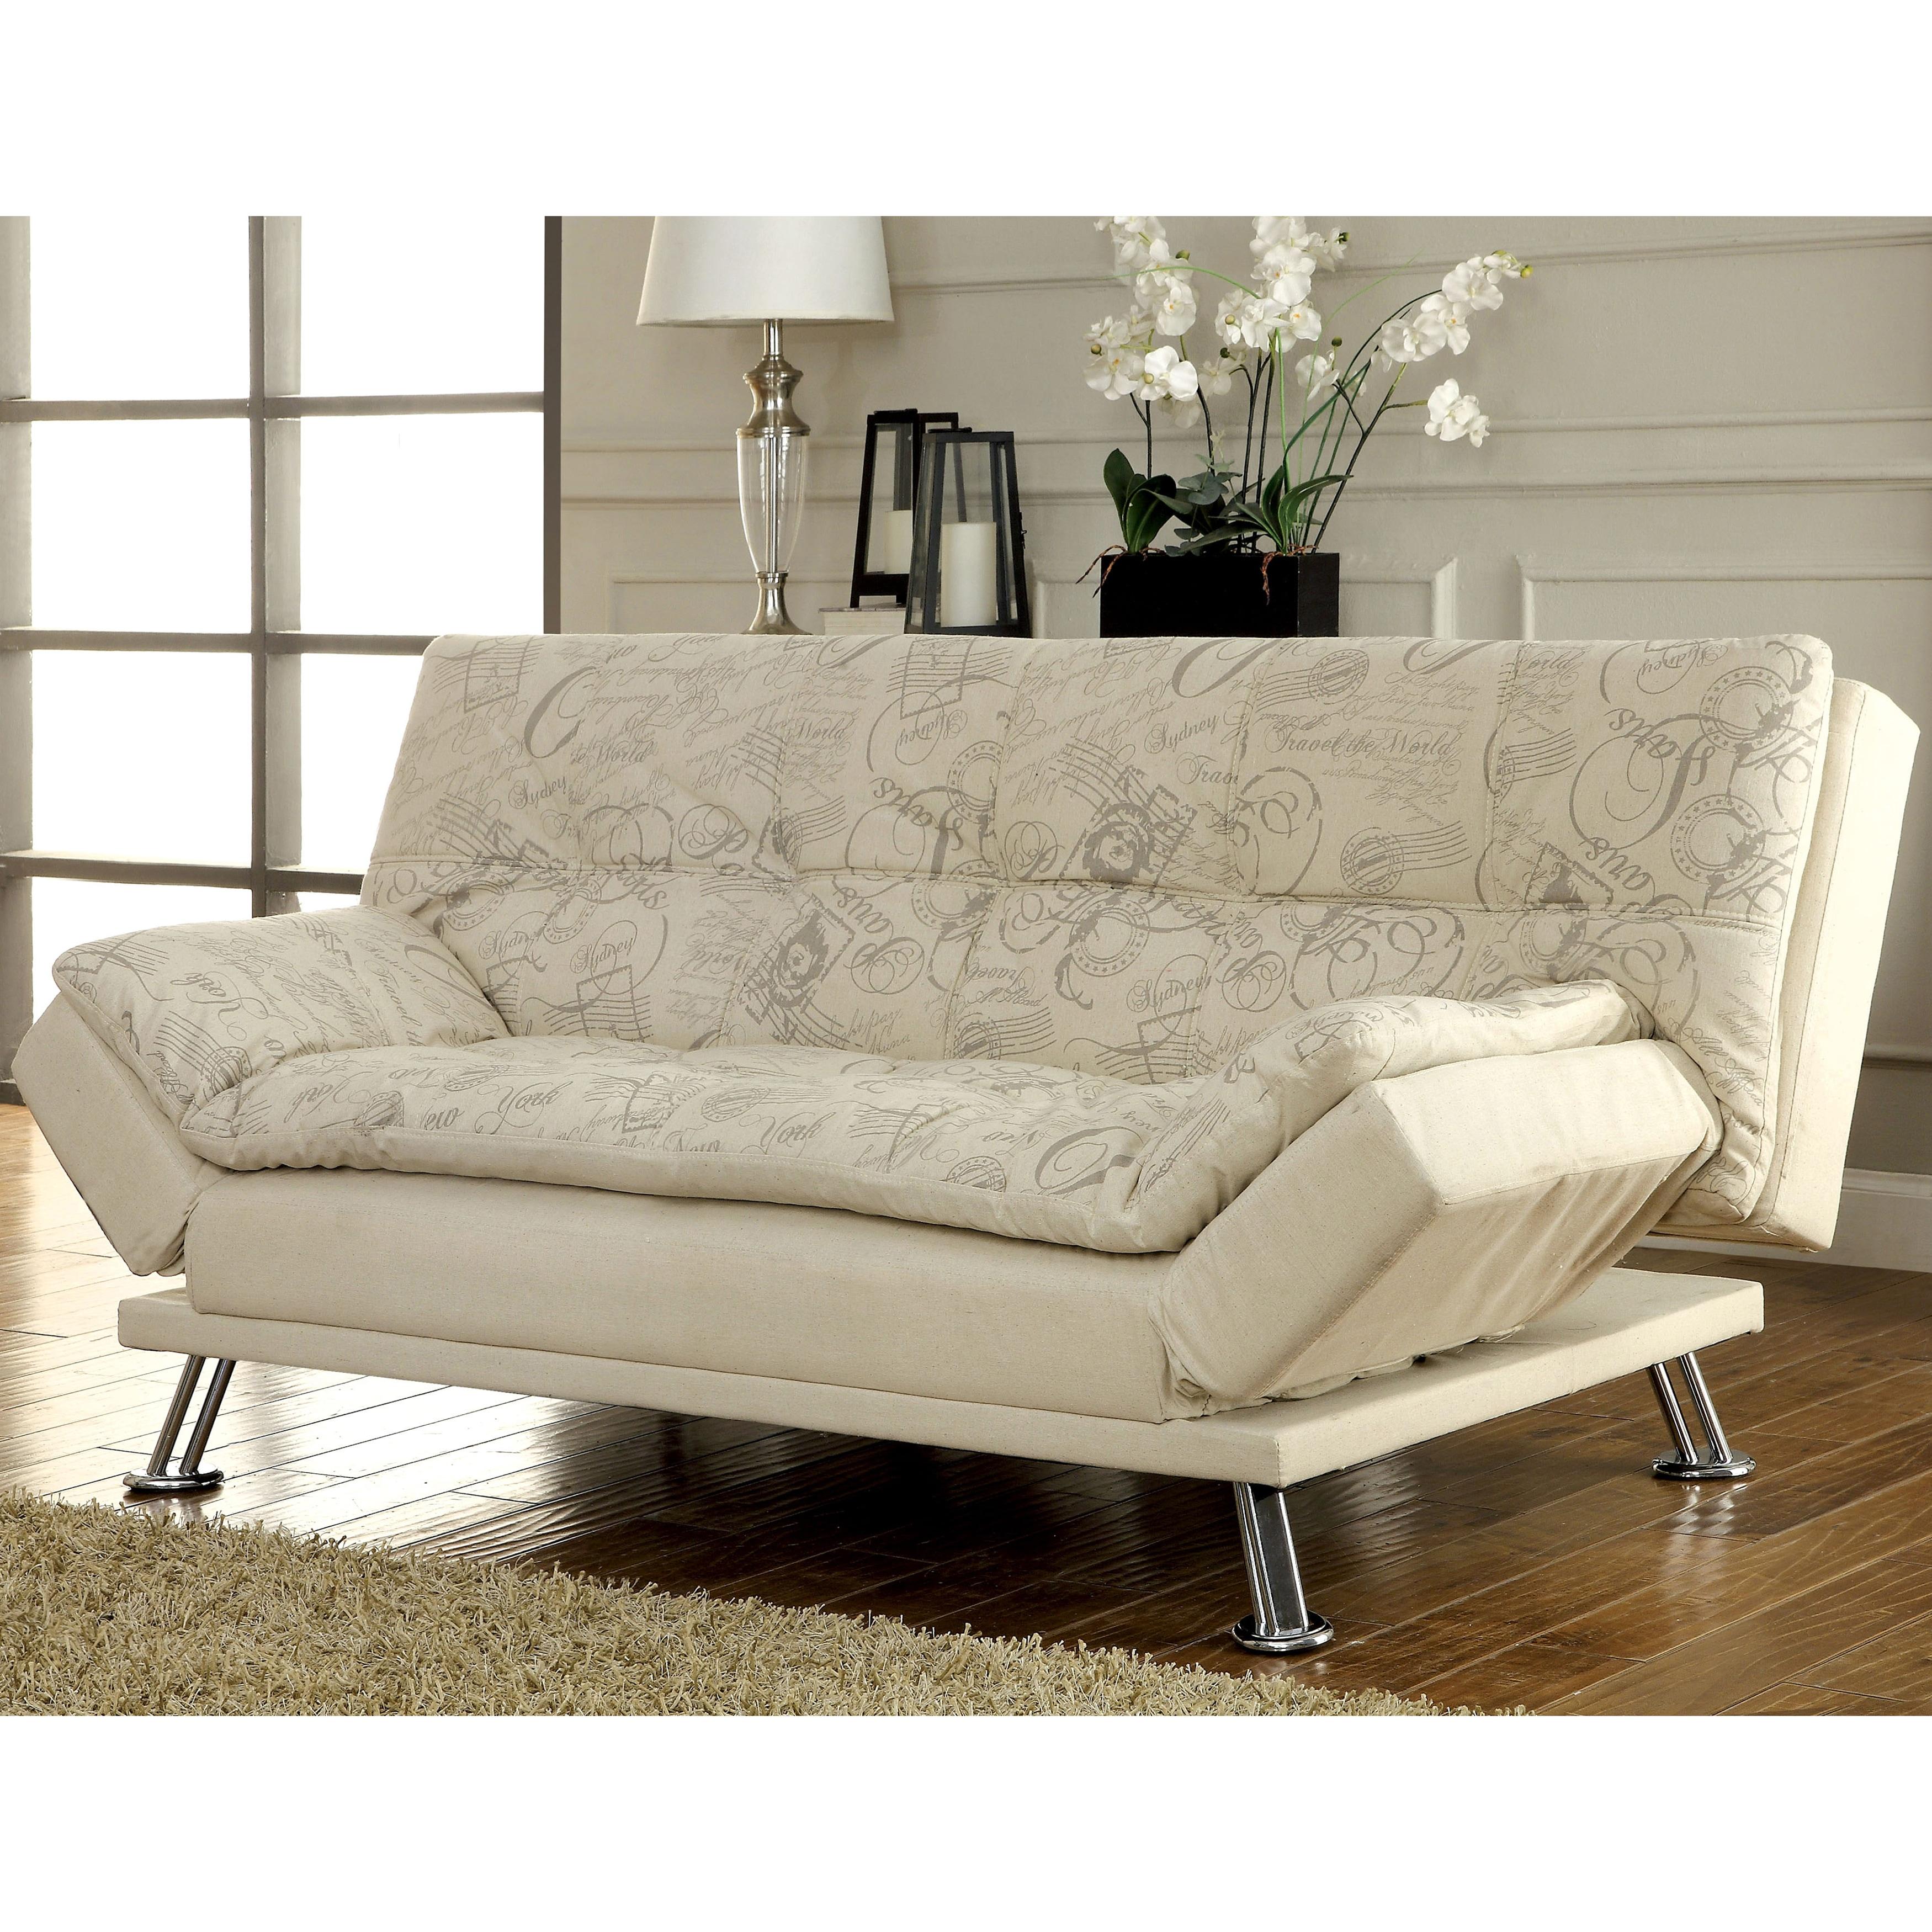 Aubreth Modern Futon Sofa by FOA